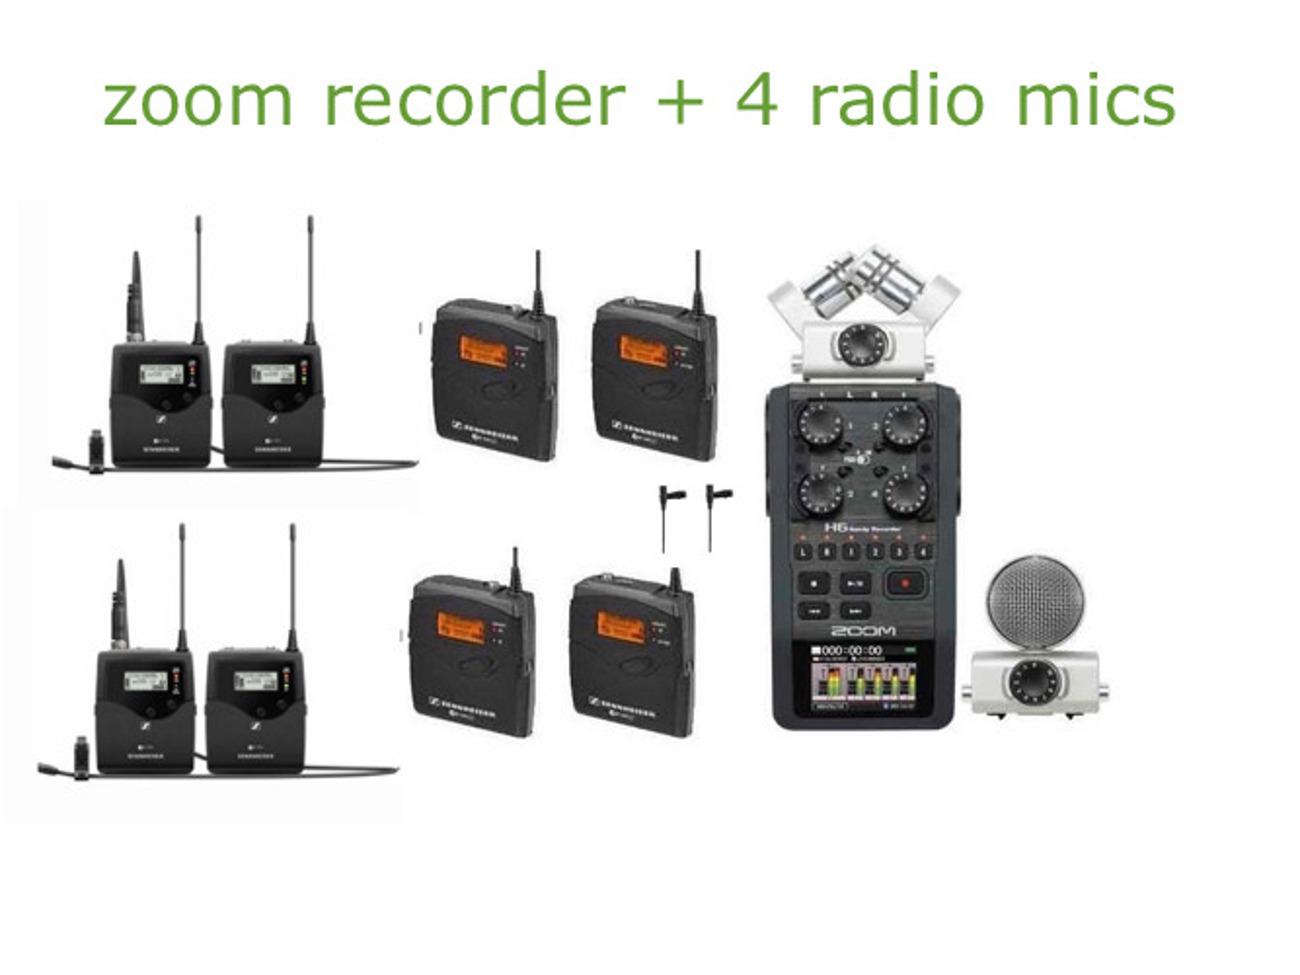 Rent Audio Zoom H6 Recorder 4 Radio Mics Lavs Sound